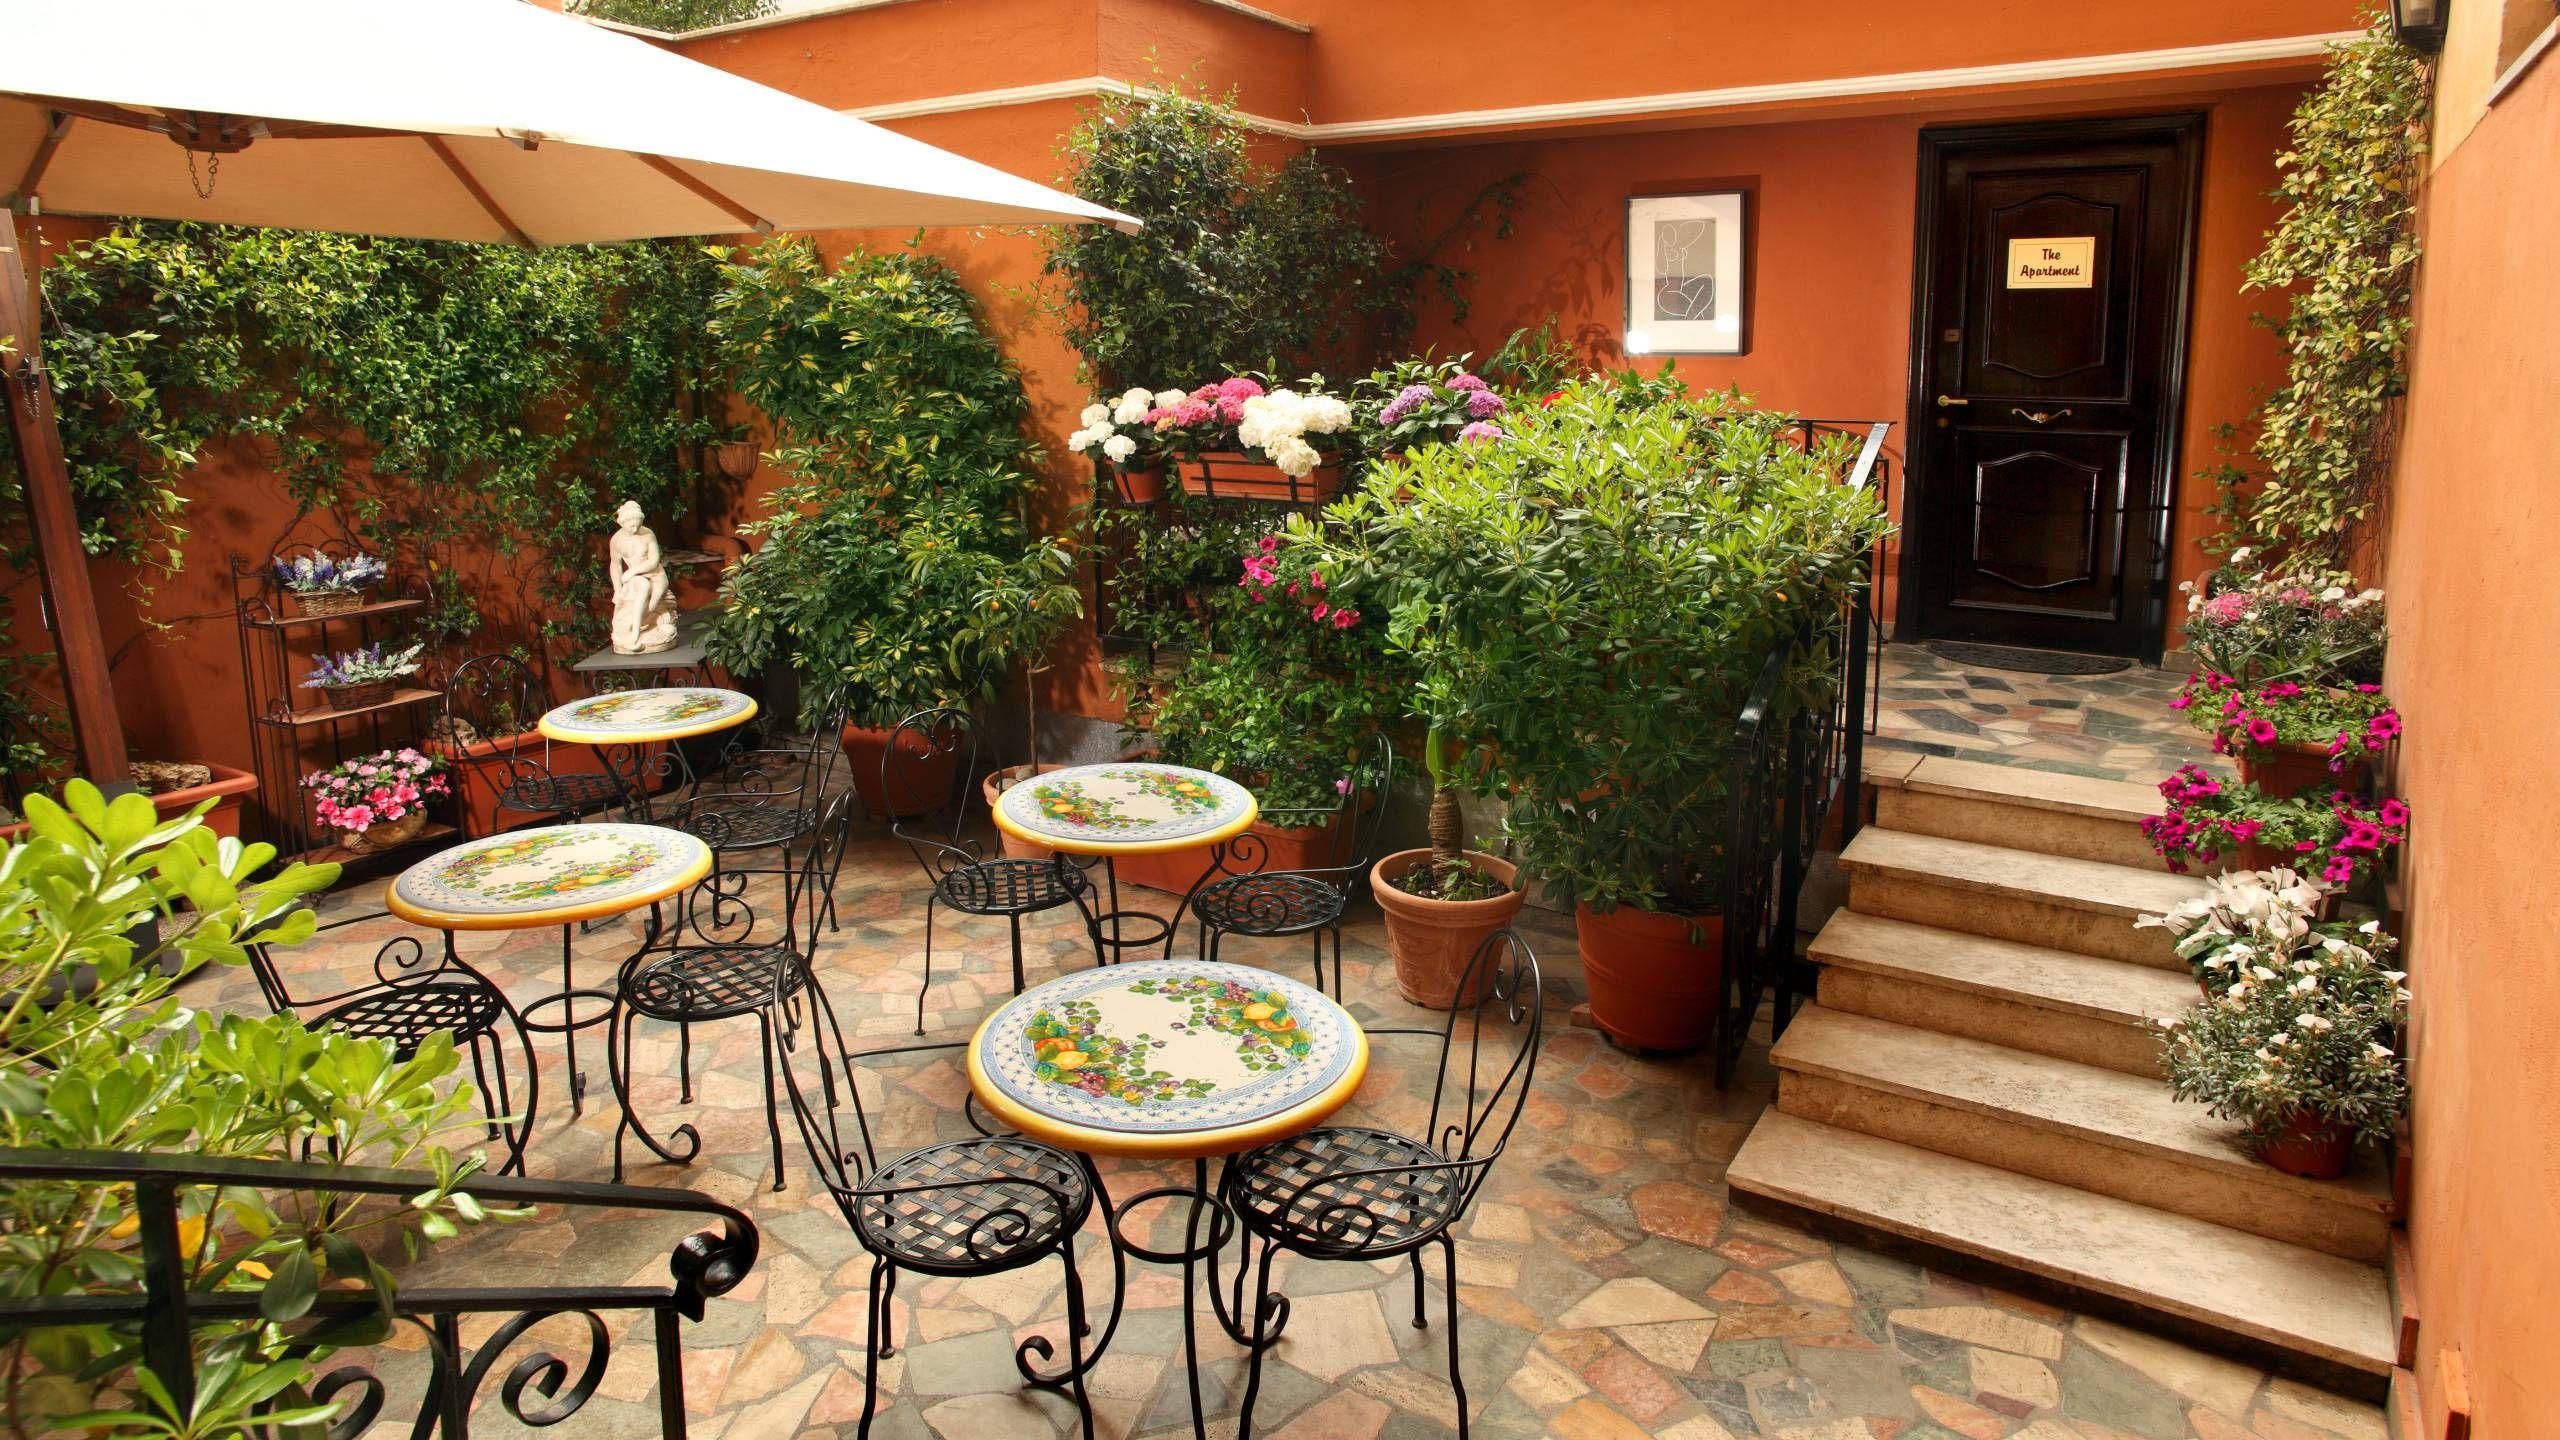 hotelmodiglianiromaappartamentogiardino02 Outdoor